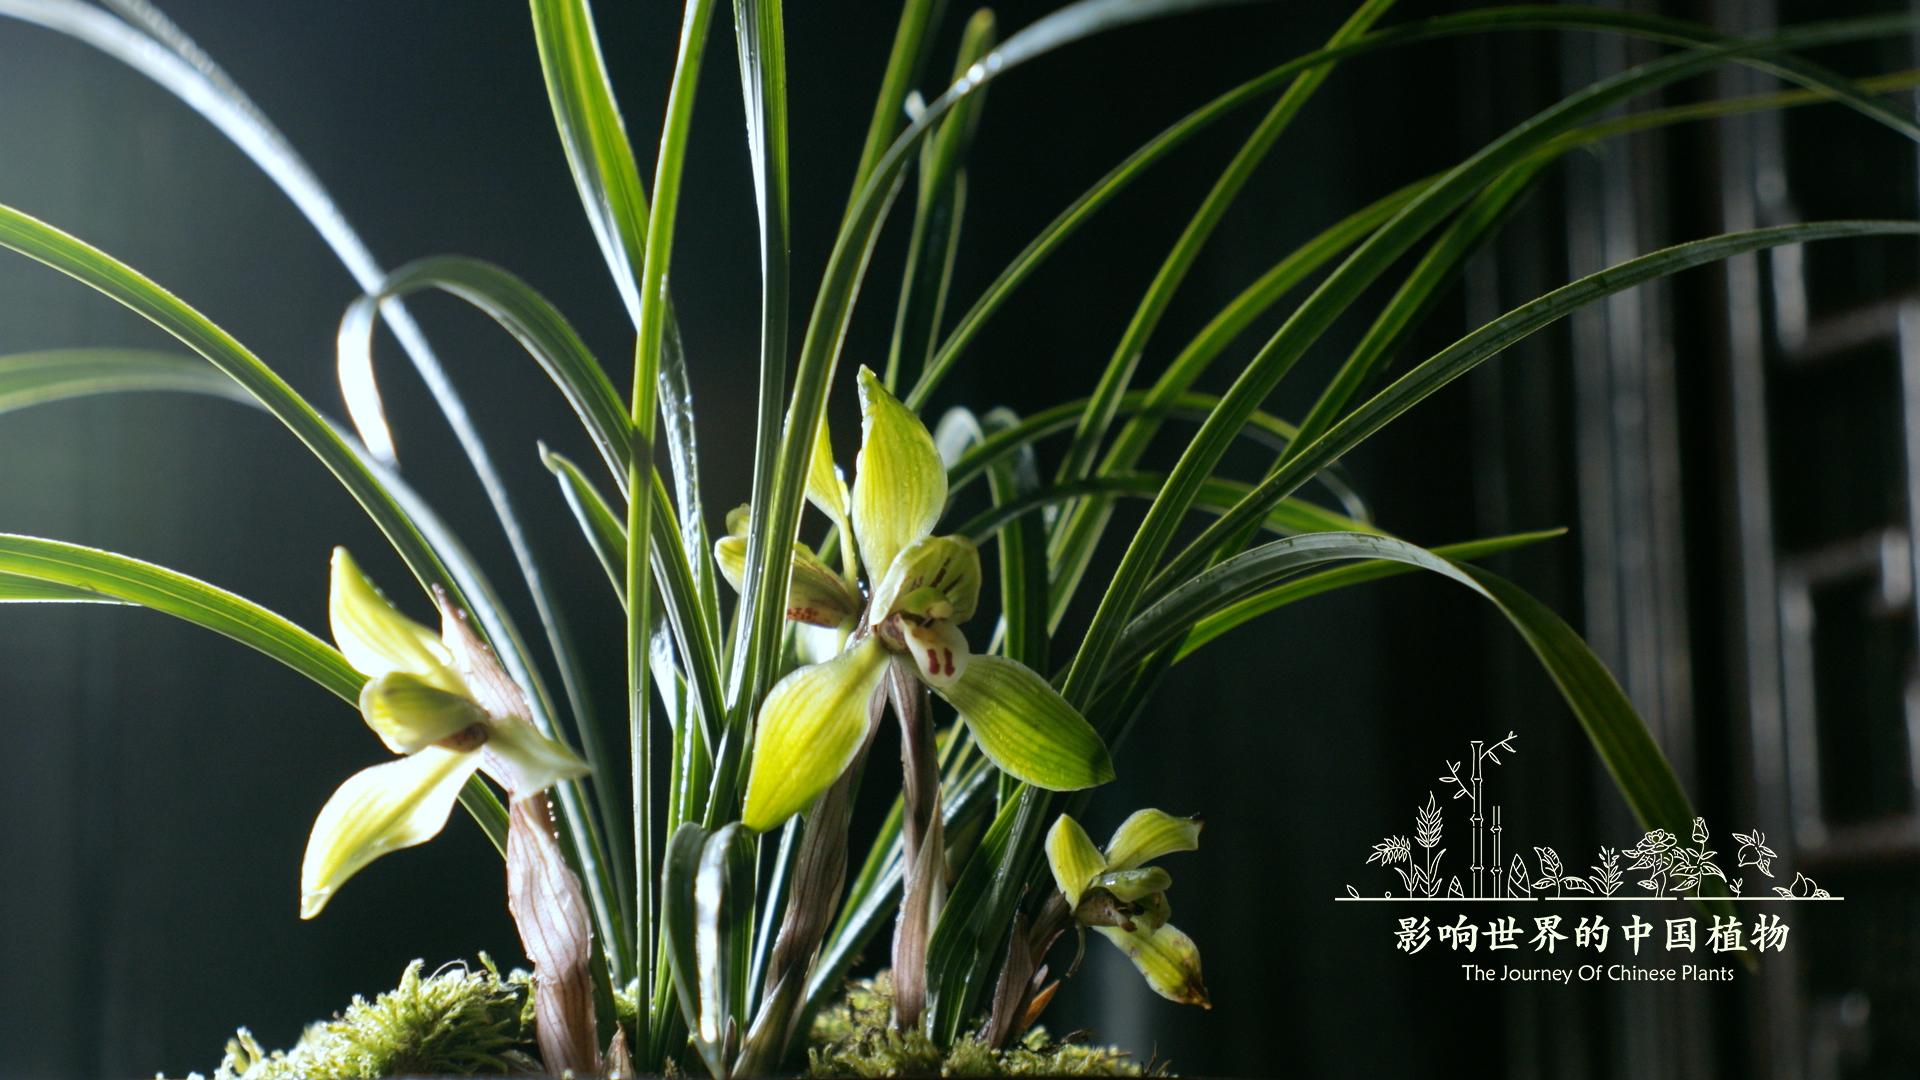 《影响世界的中国植物》美到让你重新认识大自然 豆瓣8.9的照片 - 4